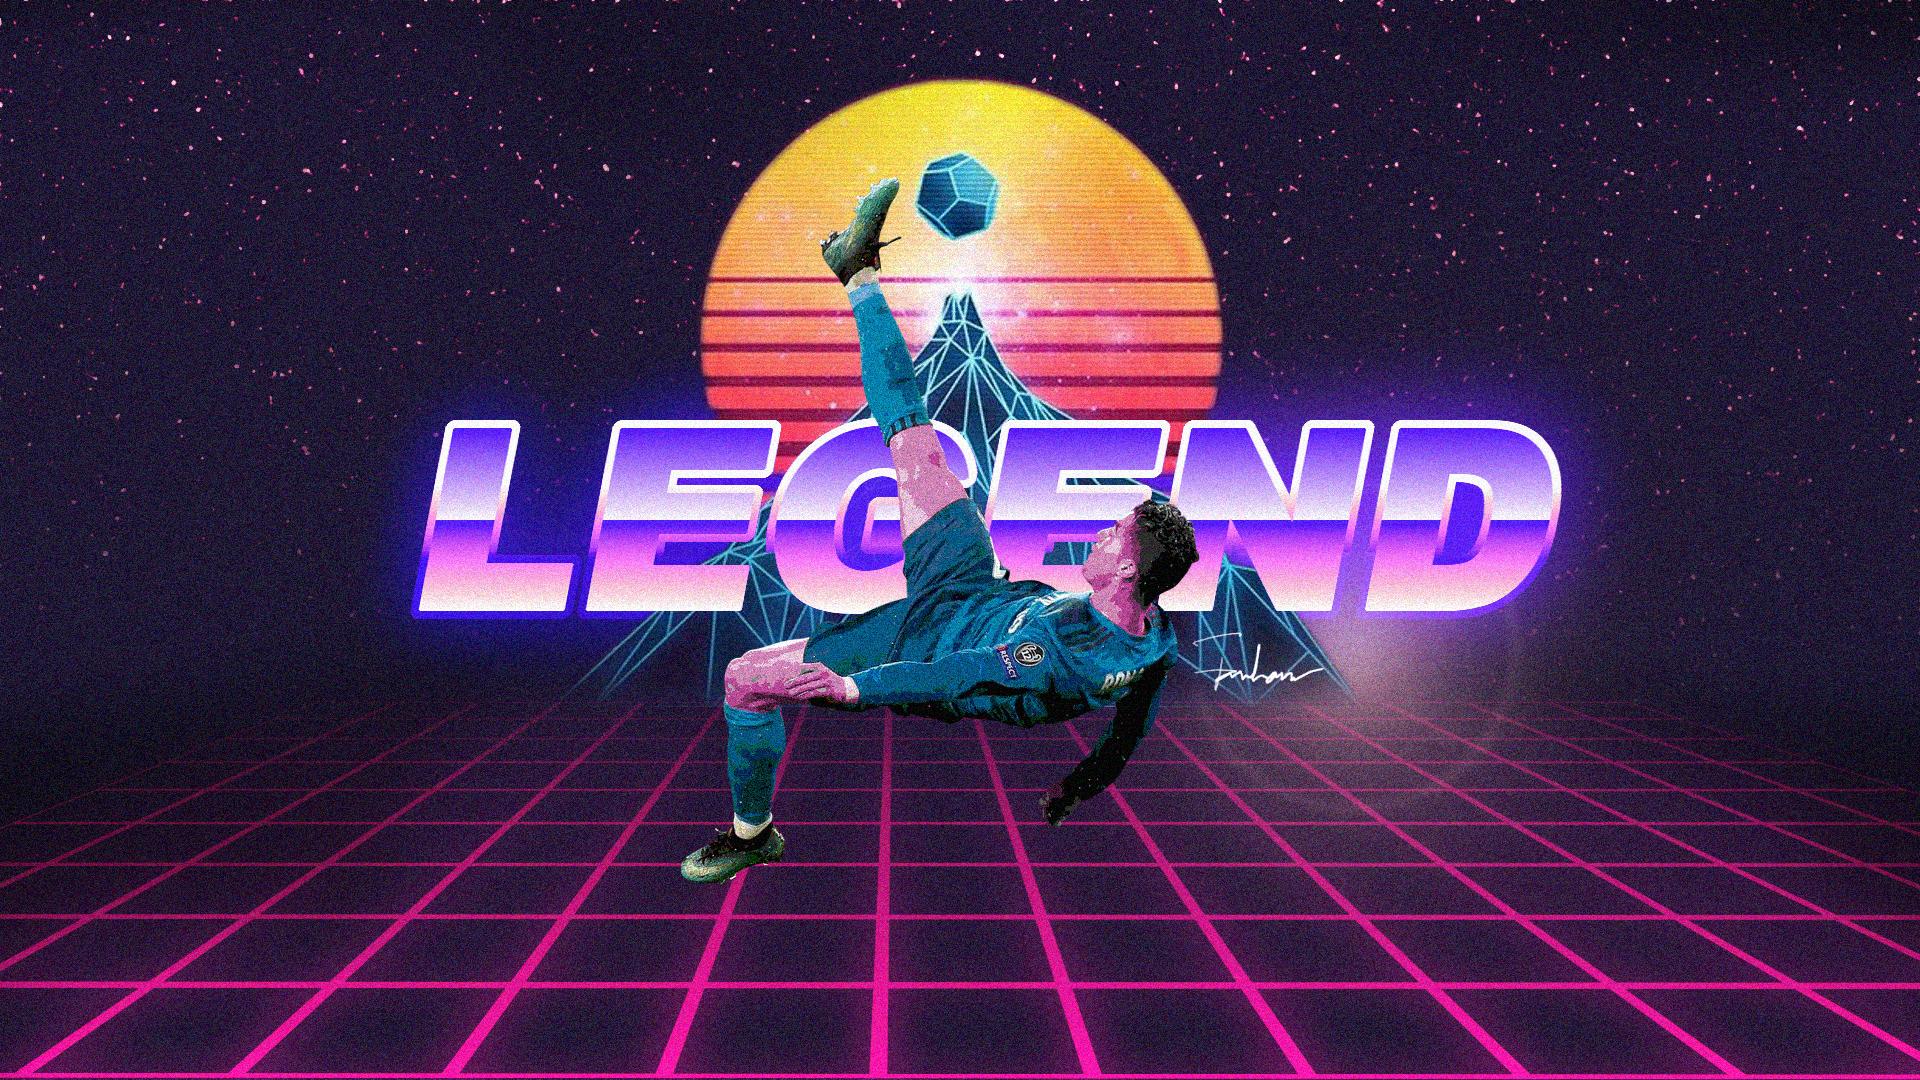 Легенда Криштиану Роналду ретро обои скачать